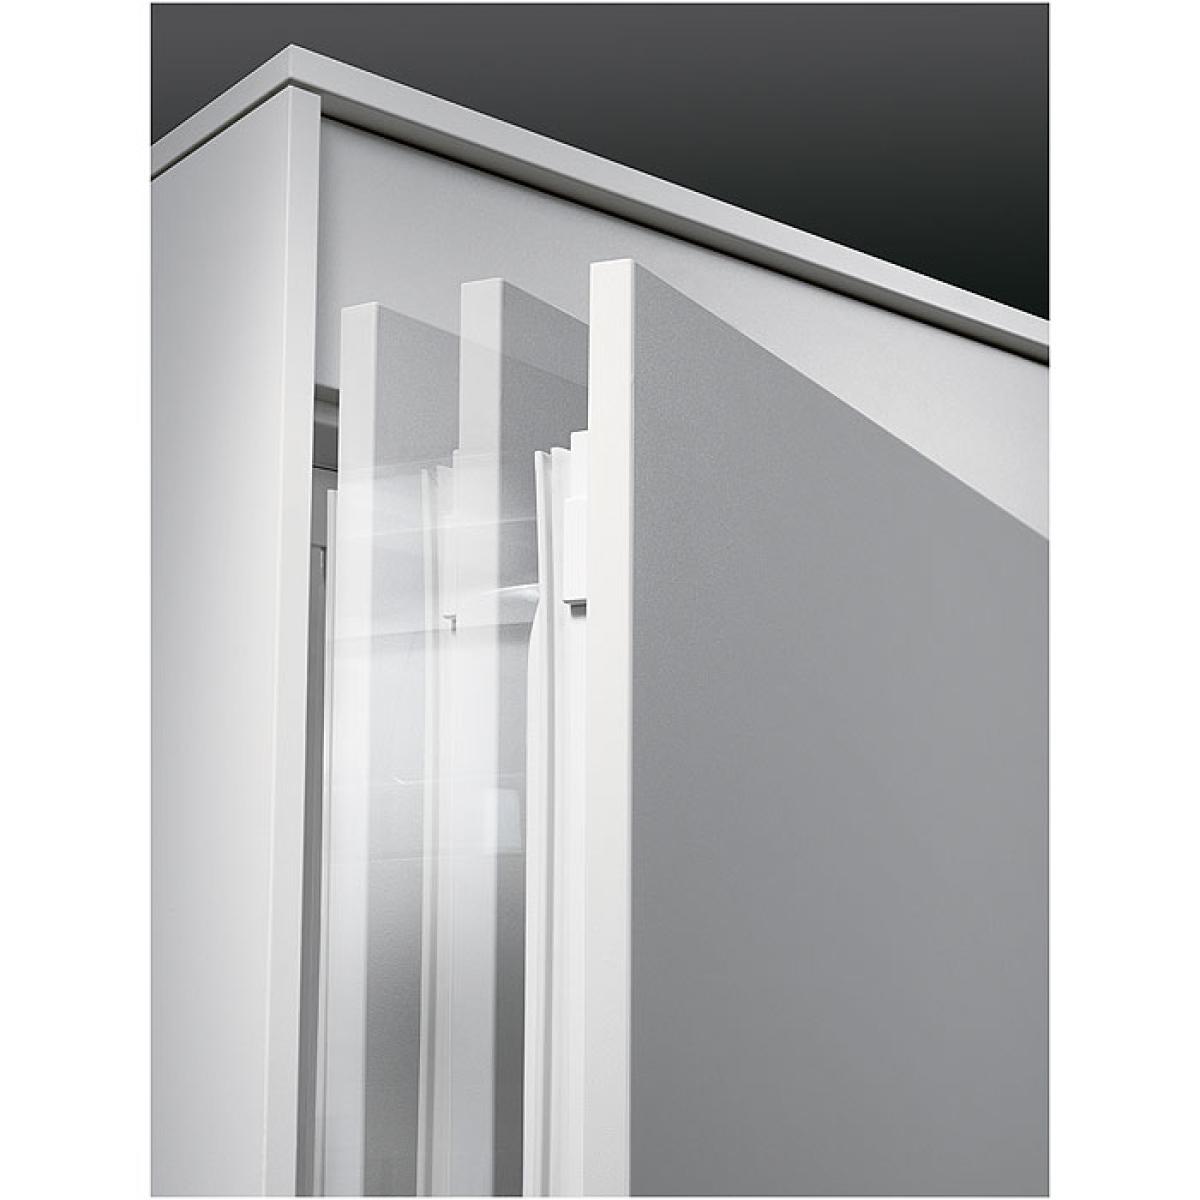 aeg sfe88841ac einbauk hlschrank mit gefrierfach 88cm nischenh he festt r technik softclosing. Black Bedroom Furniture Sets. Home Design Ideas